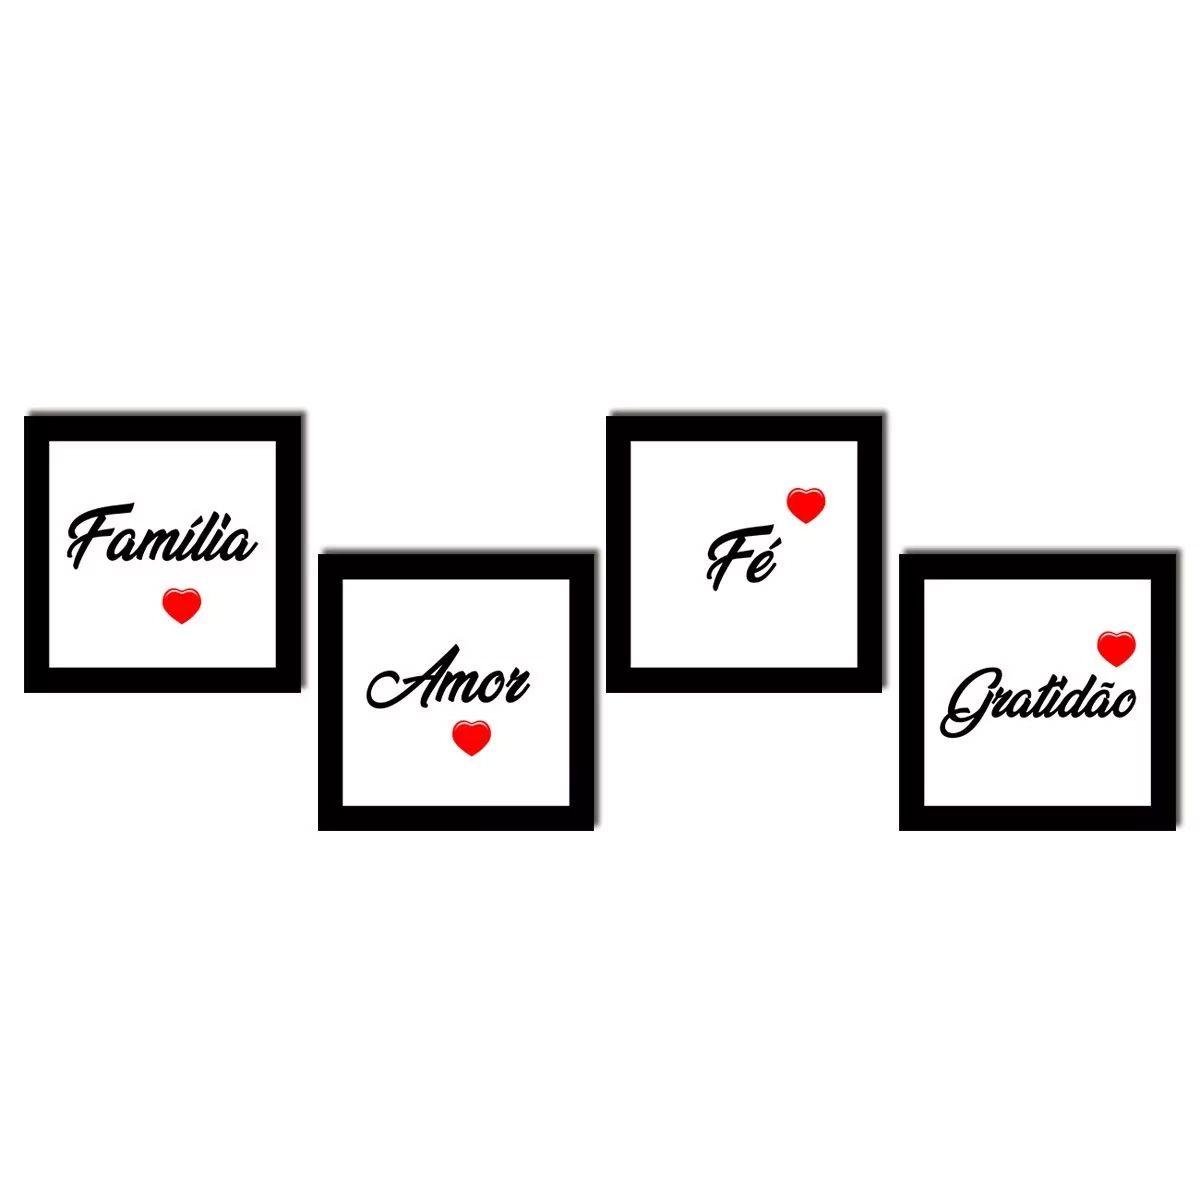 7b834b626 Kit 4 Quadros Quadrados com Frases e Palavras para Sala Quarto Decoração Amor  Fé Família Gratidão